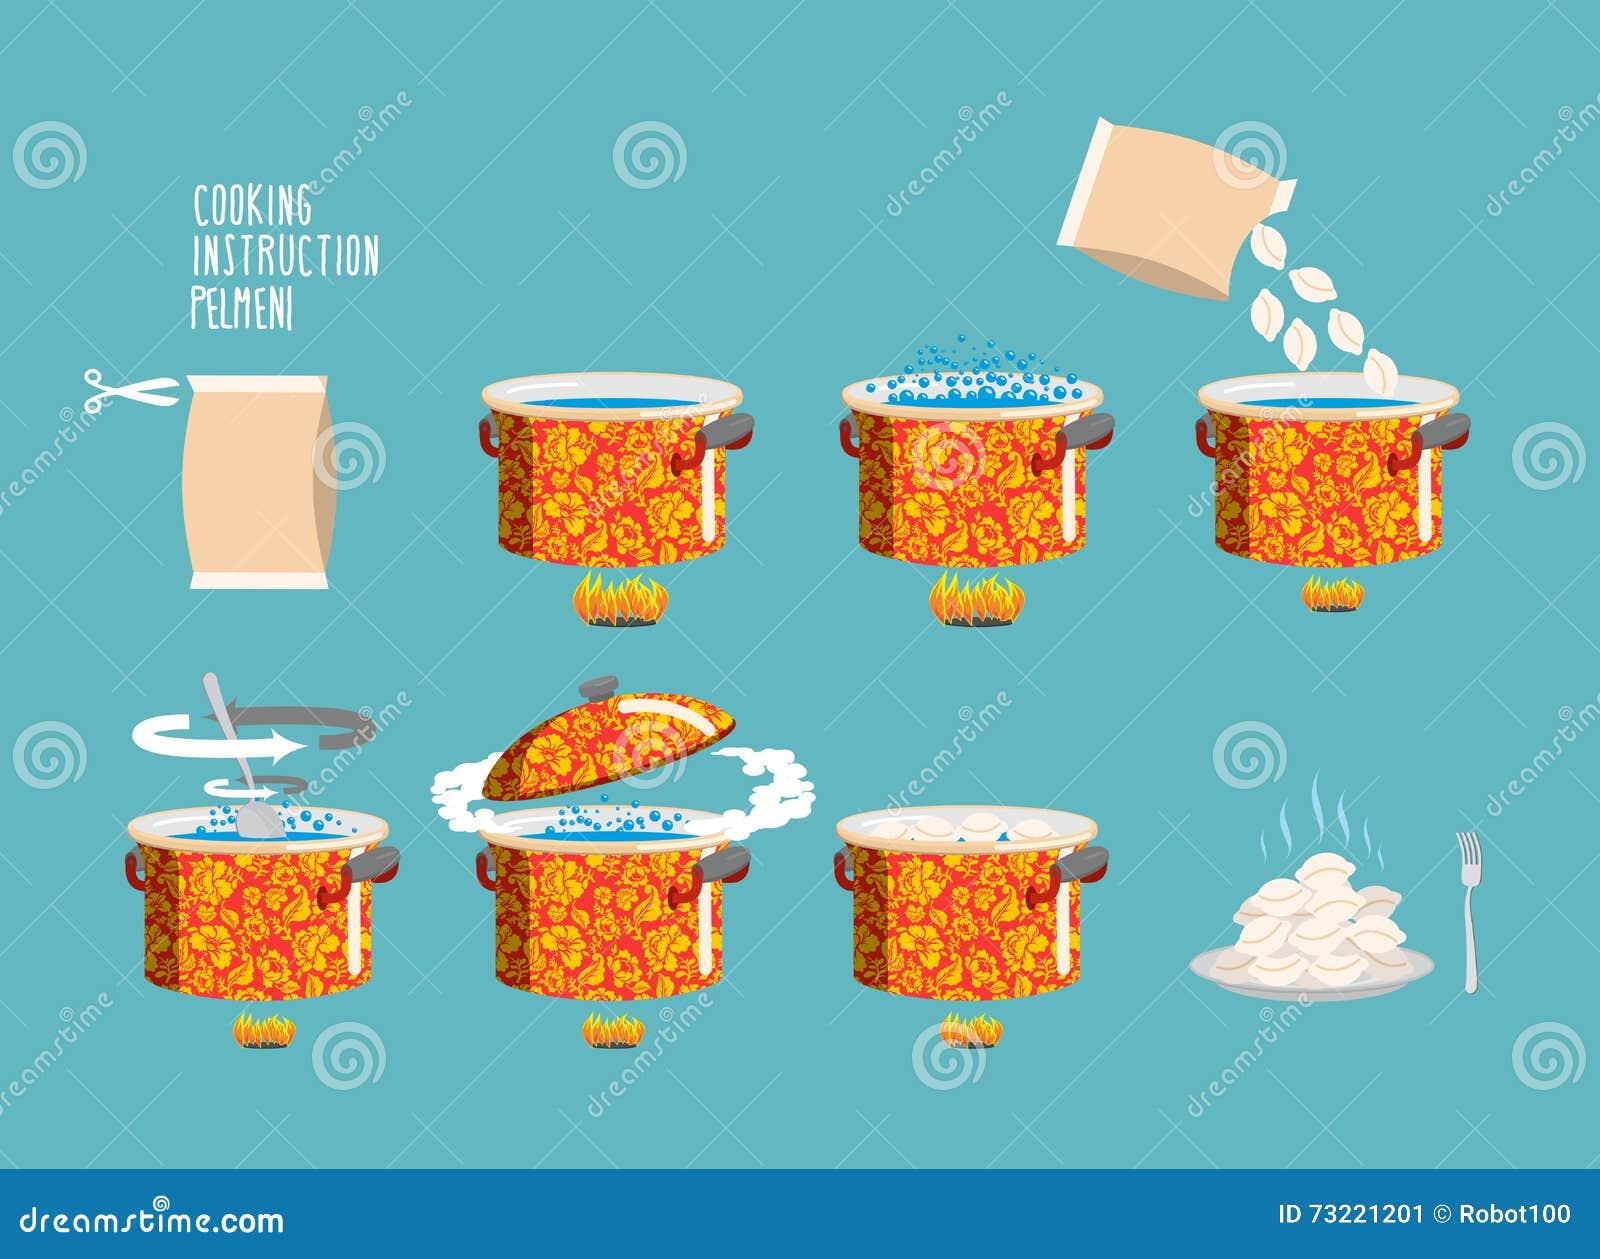 Instruction De Cuisson De Pelmeni Recette De Cuisine Familiale